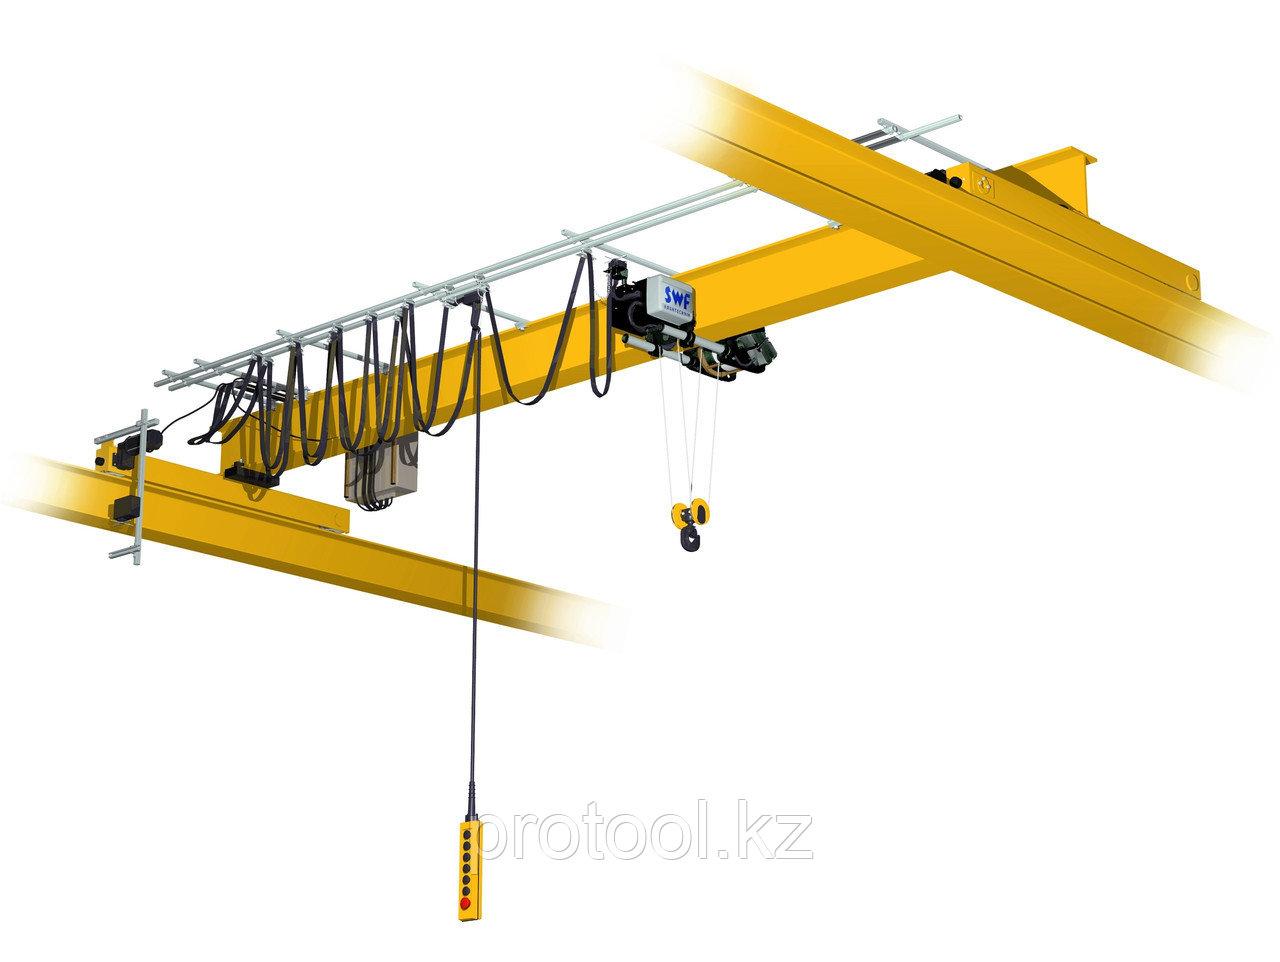 Кран мостовой однобалочный опорный однопролётный г/п 3,2 т пролет 6,0 м